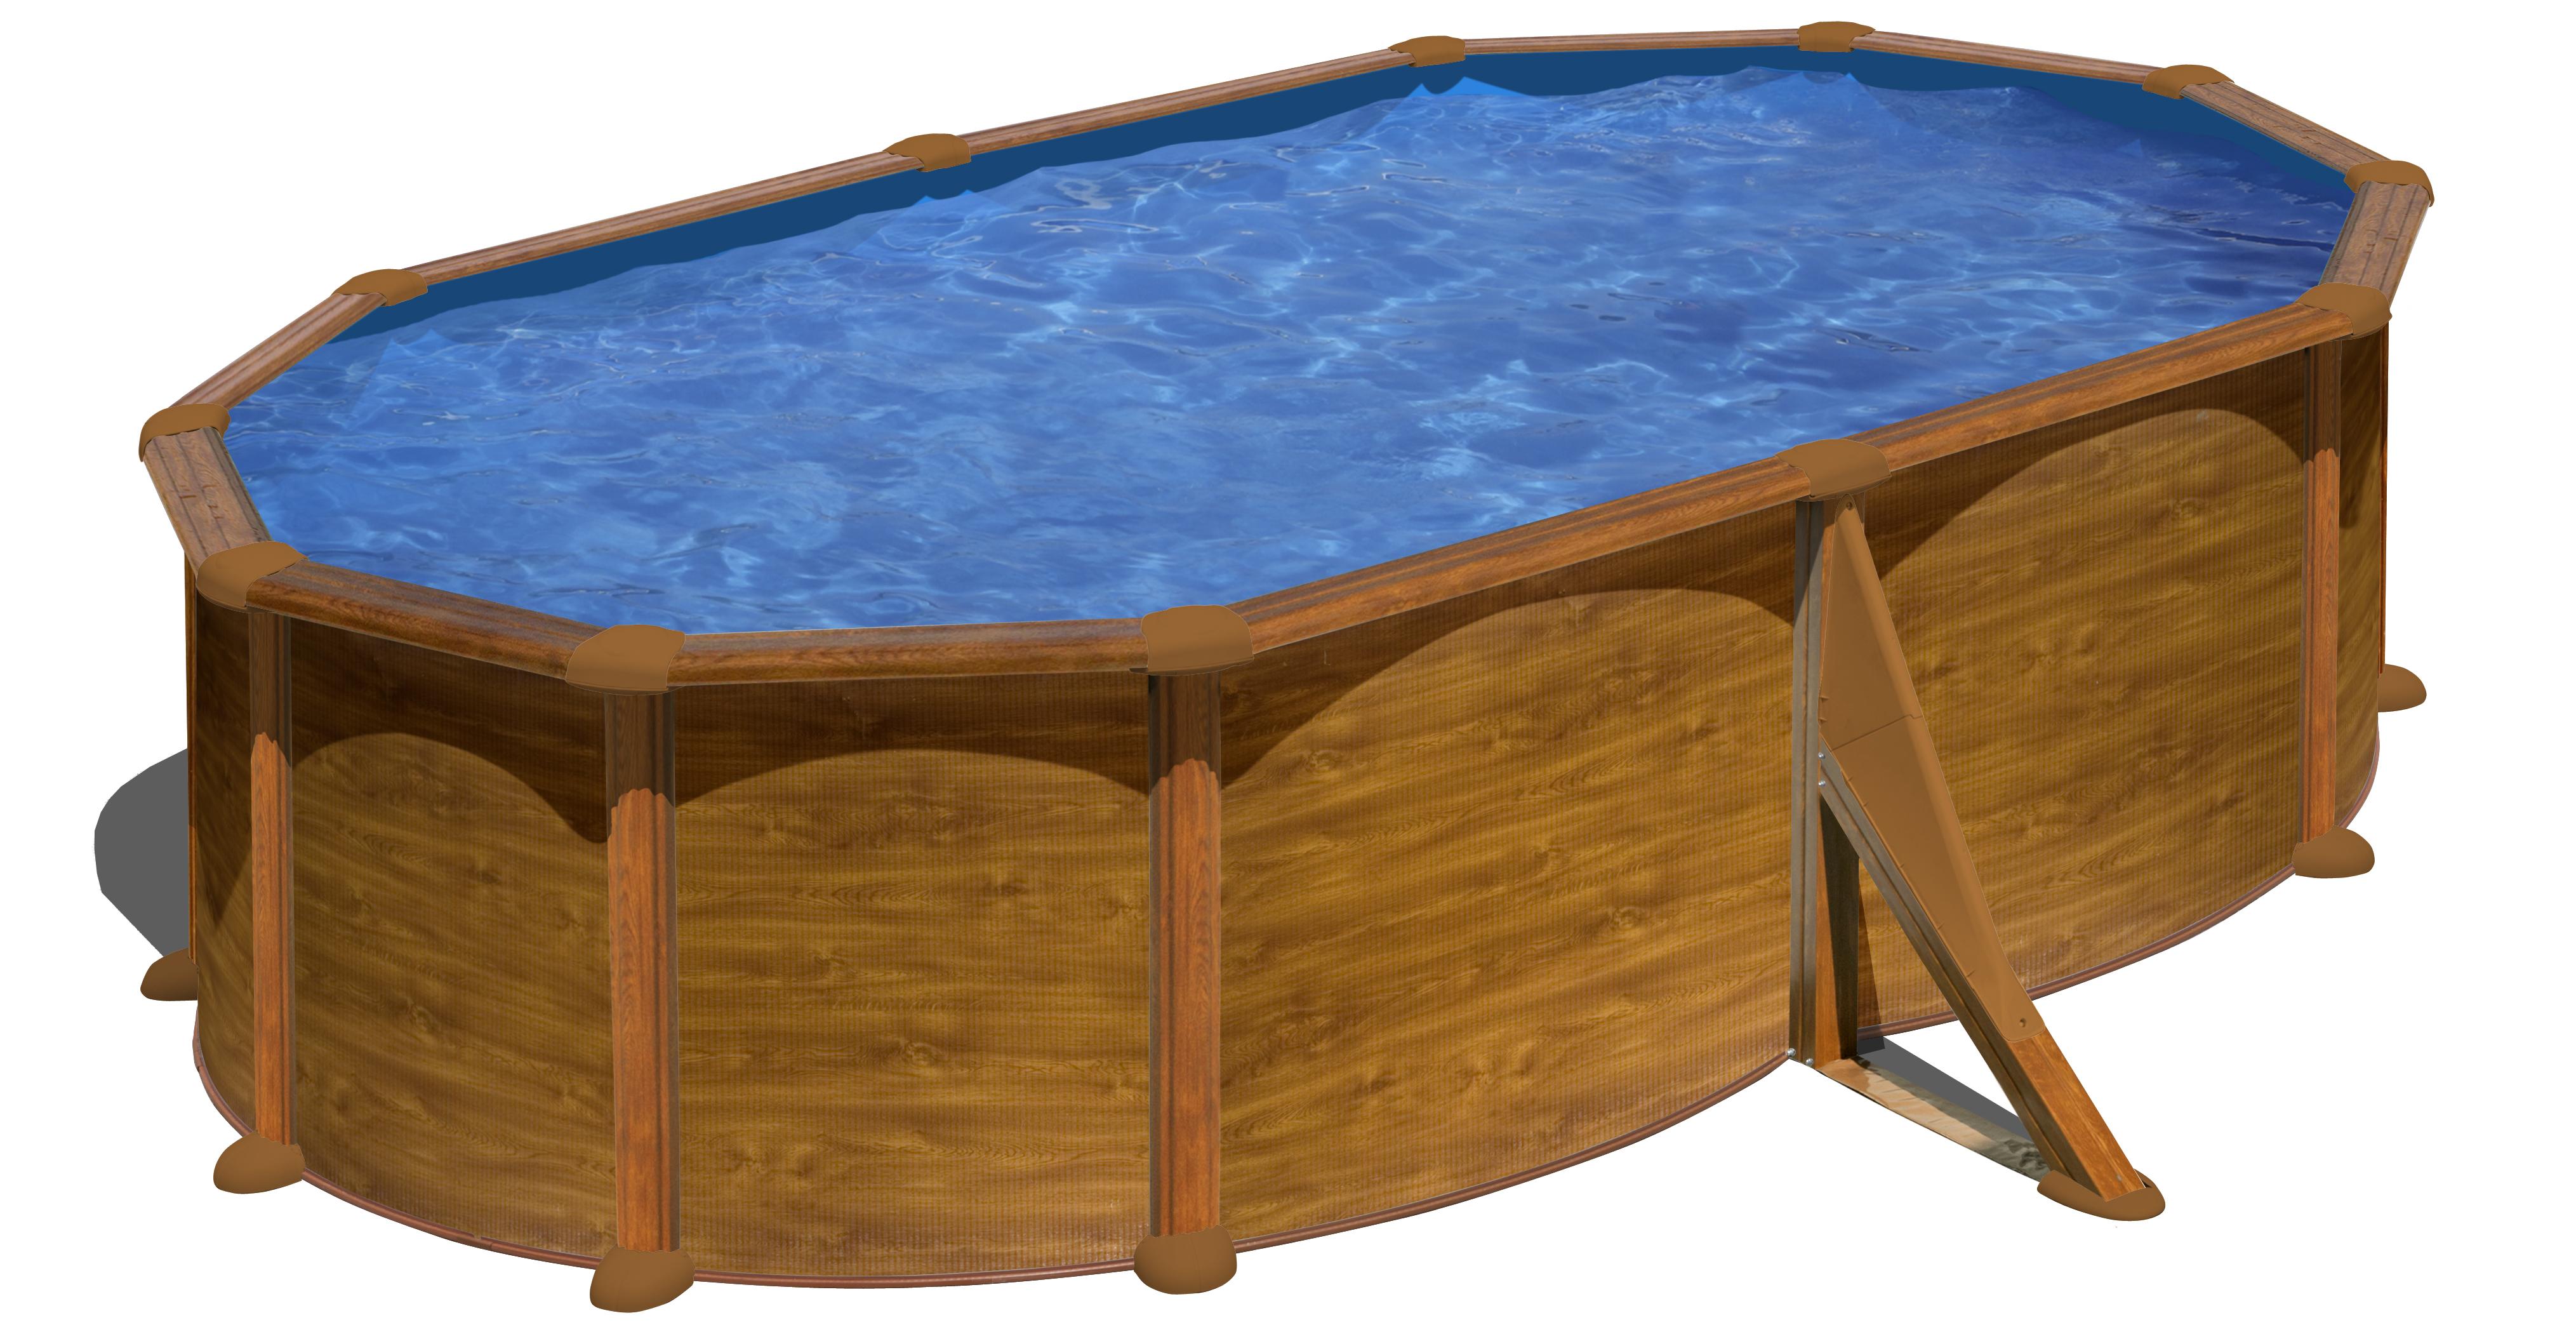 Sicilia 500x300x120 piscinas garrido for Piscinas garrido